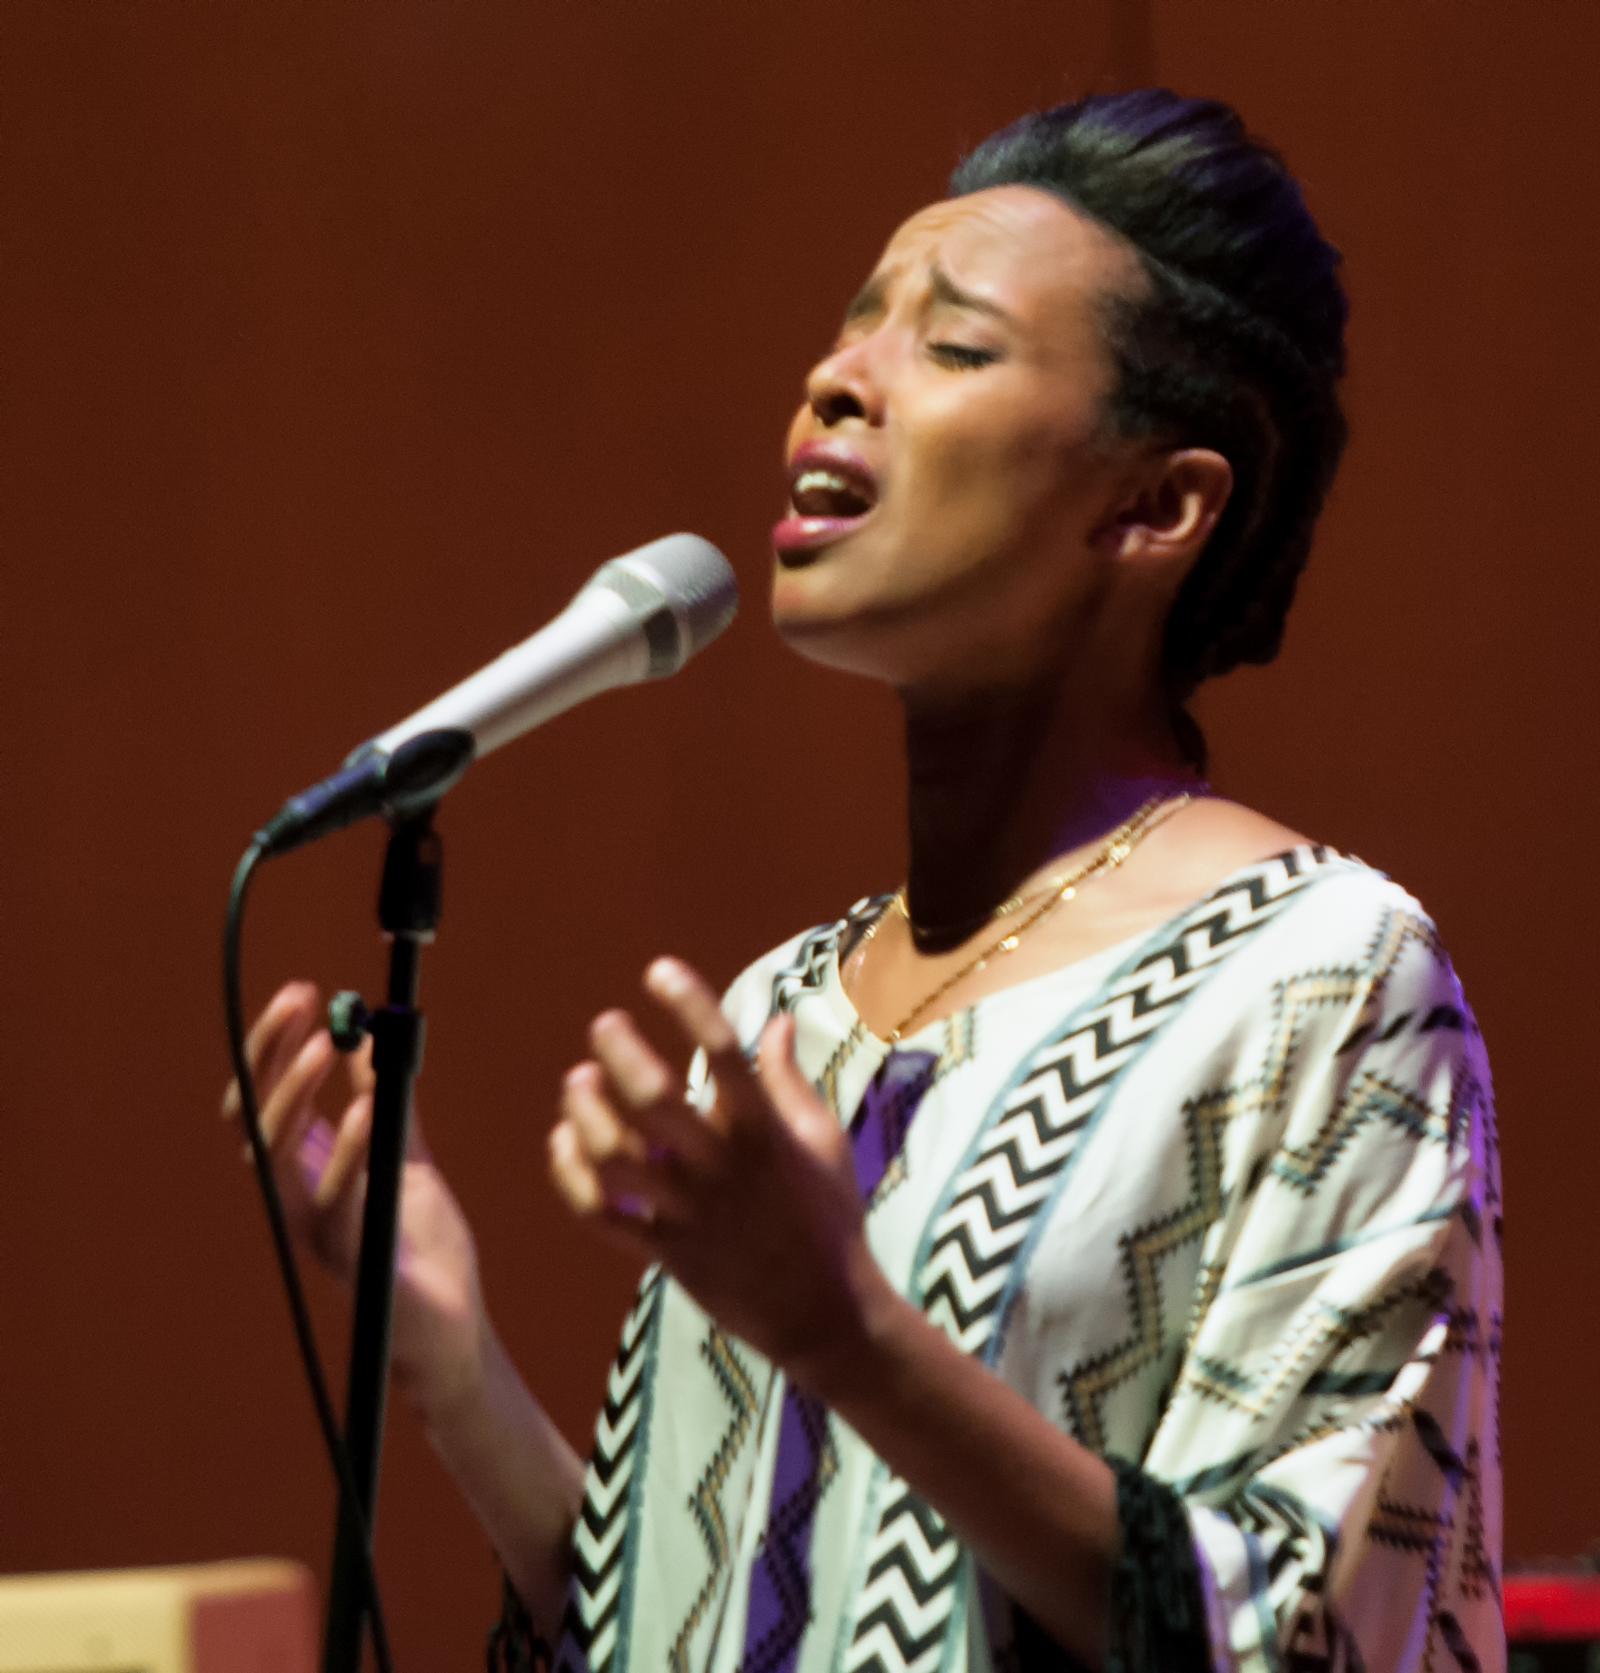 Ester Rada At The Musical Instrument Museum In Phoenix